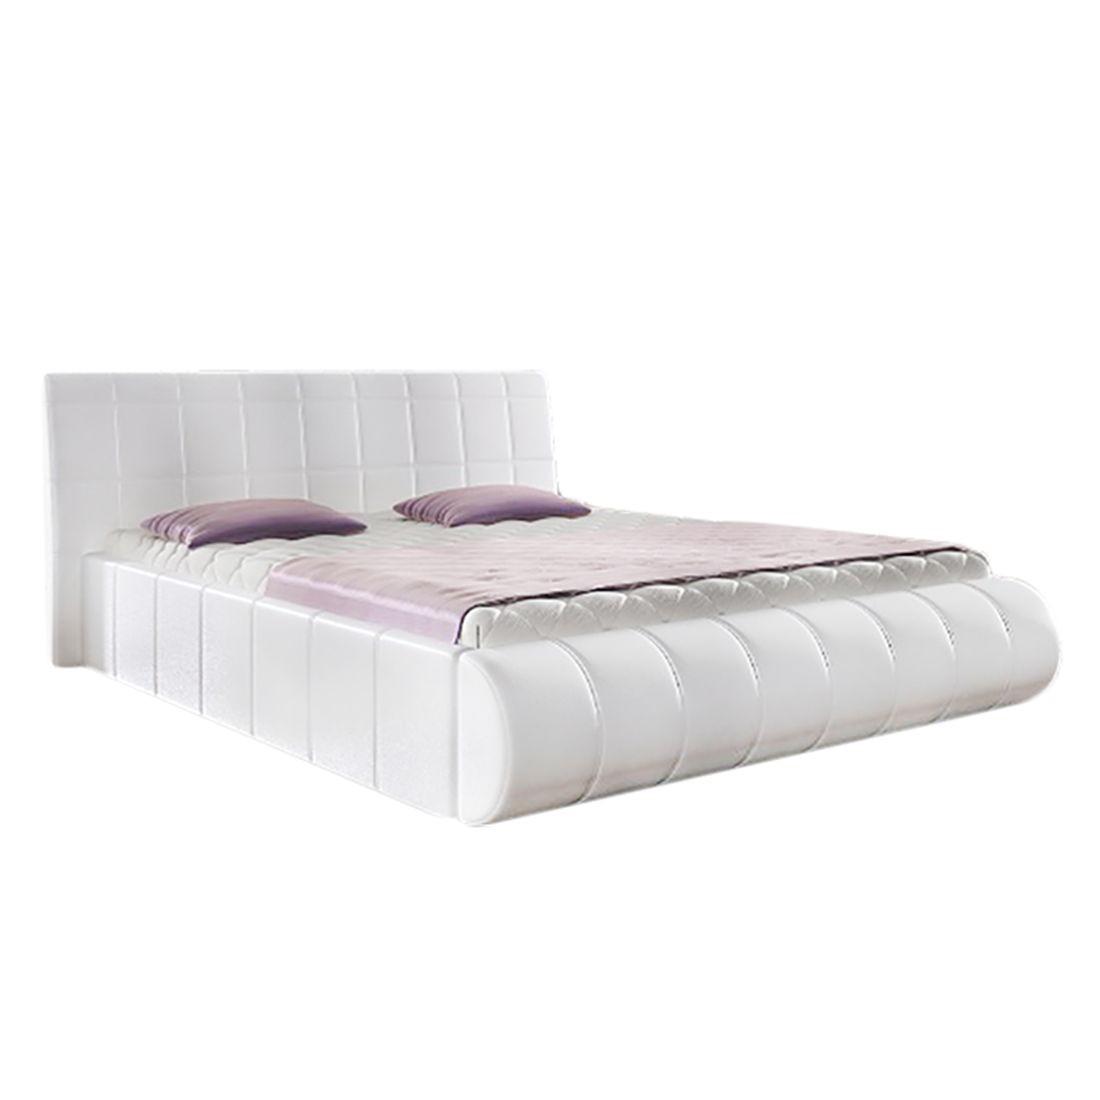 Lit capitonné Elisse (avec rangement sous lit) - Cuir synthétique Blanc - 140 x 200cm, roomscape